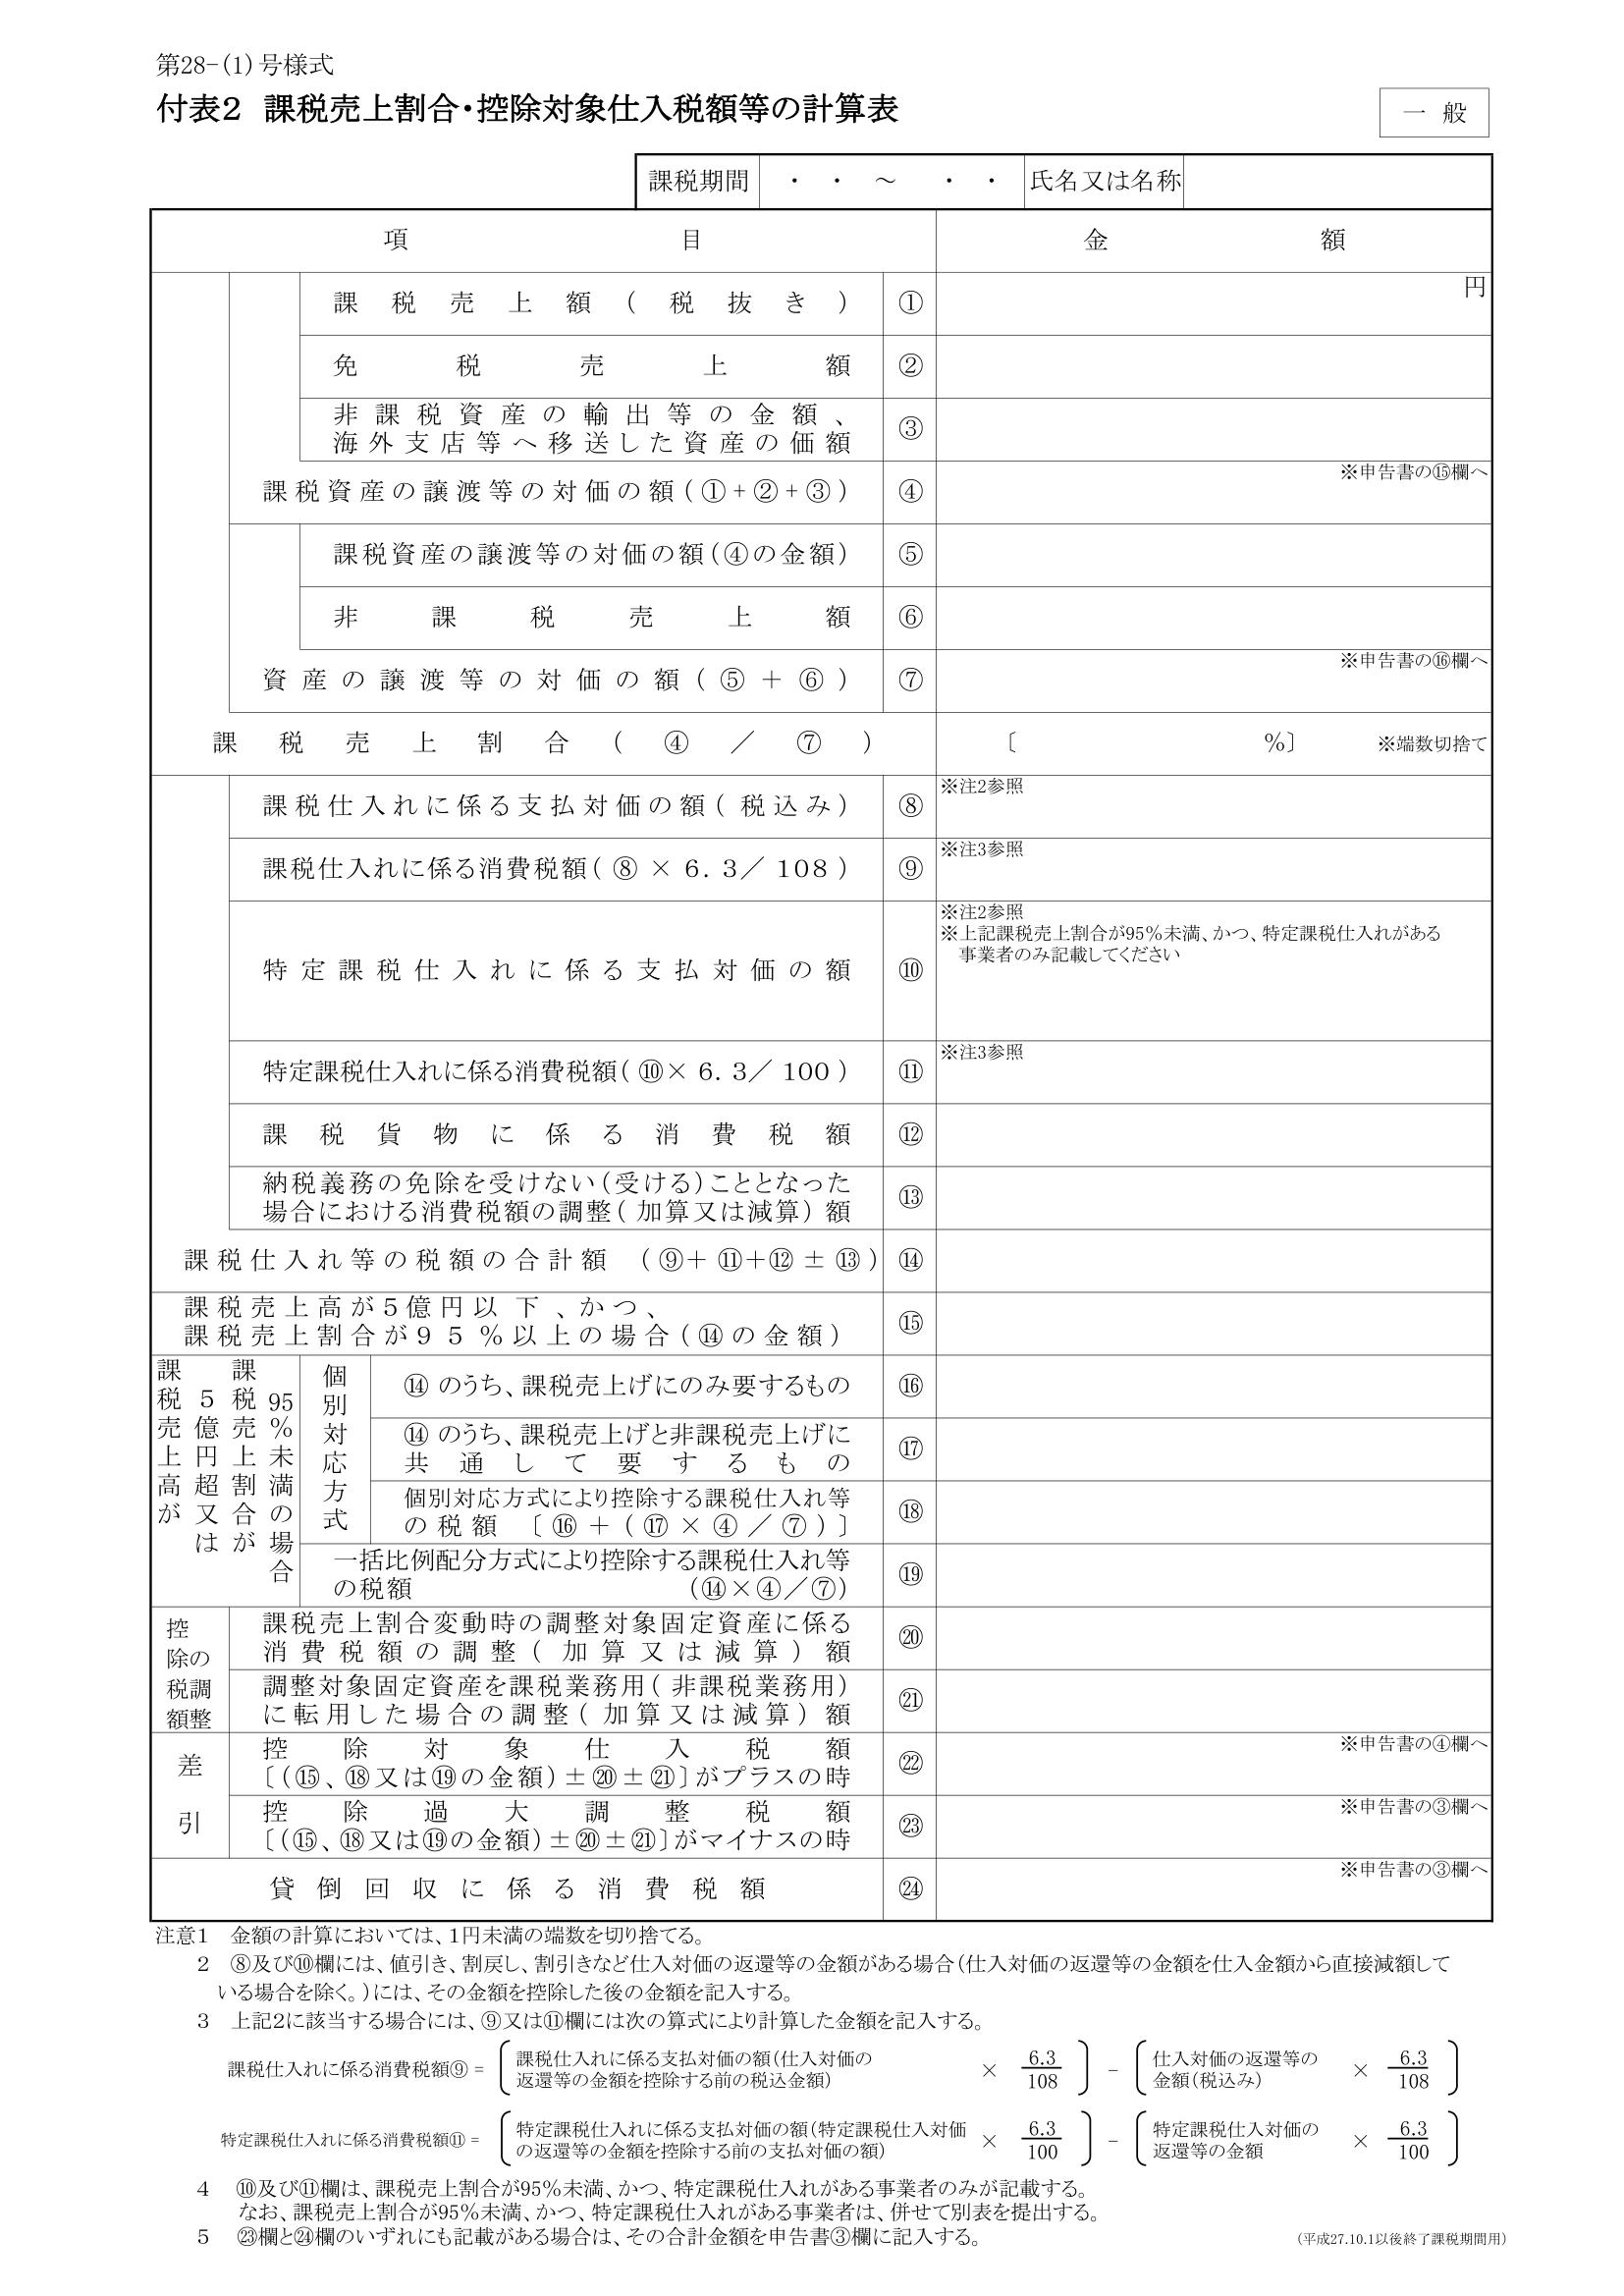 消費税申告書 付表